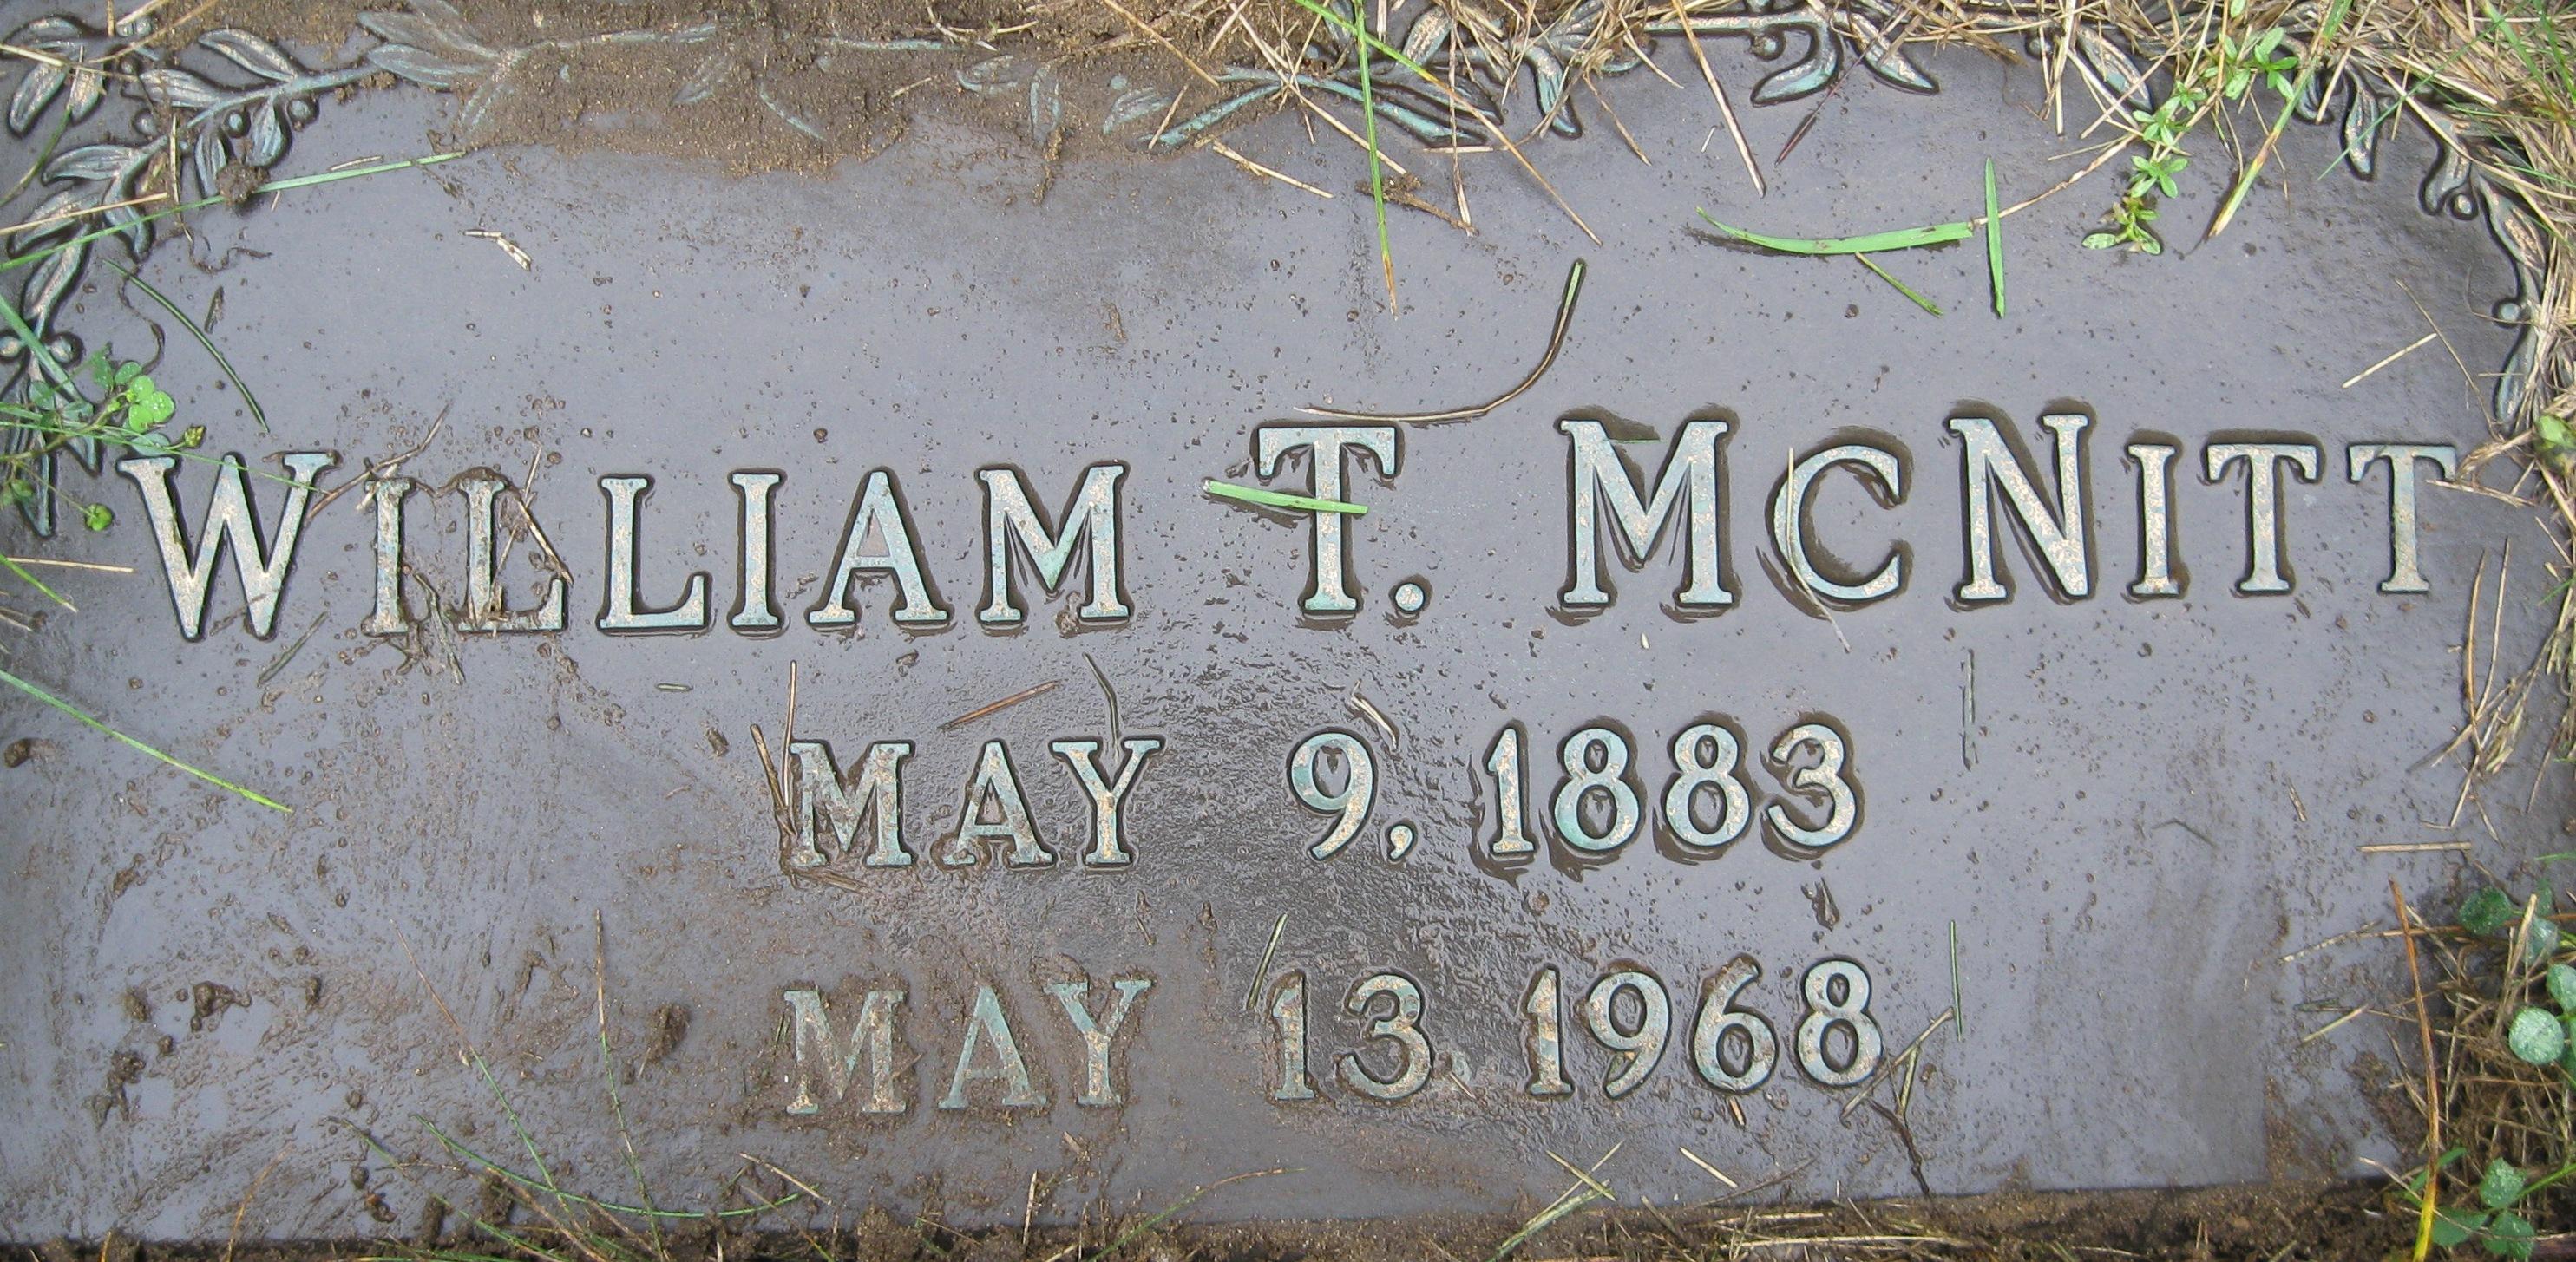 William Theodore McNitt